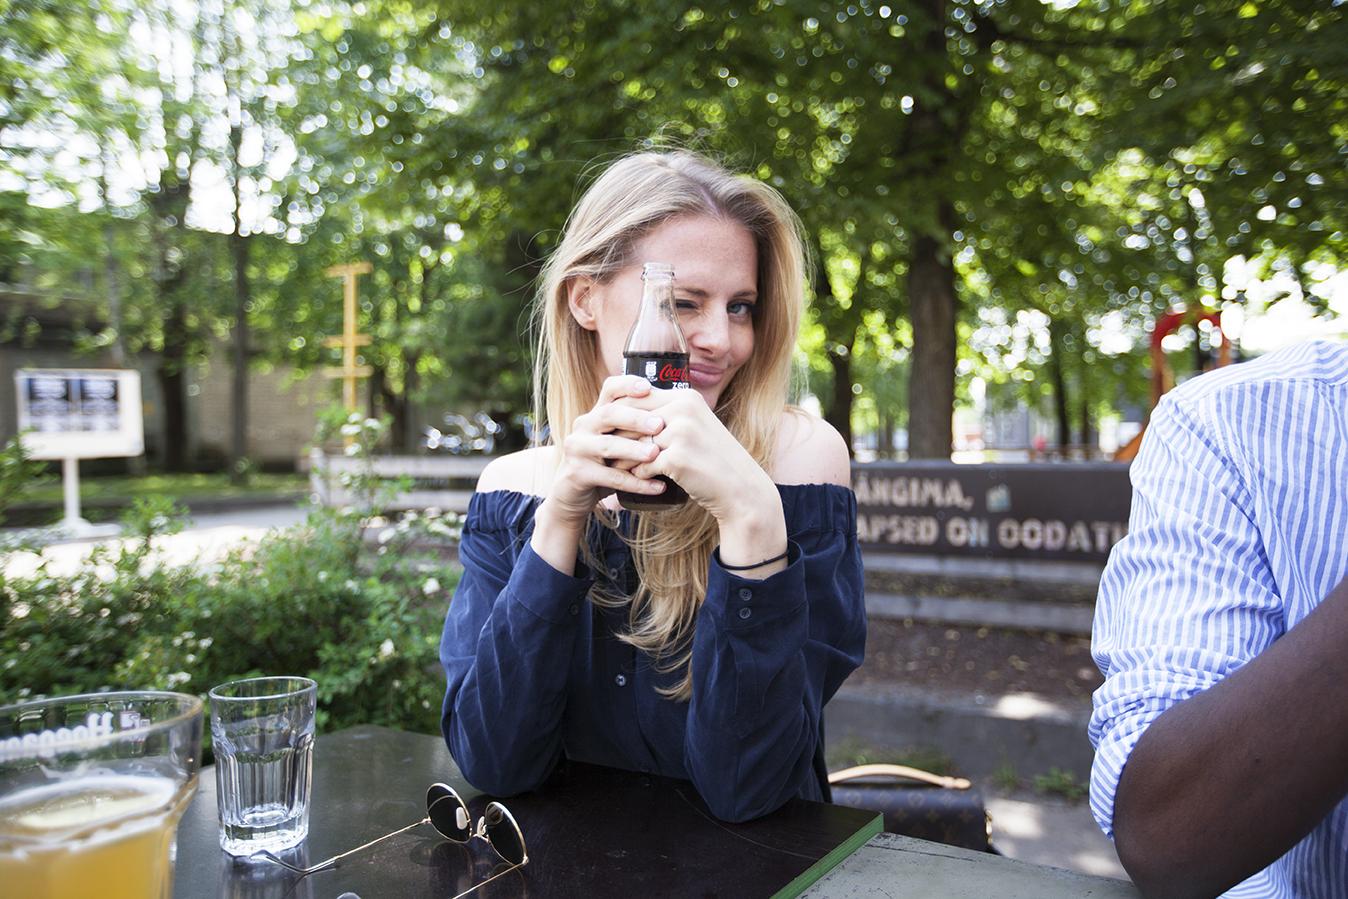 Sofia Ruutu OOTD Tallinn20150715_3836